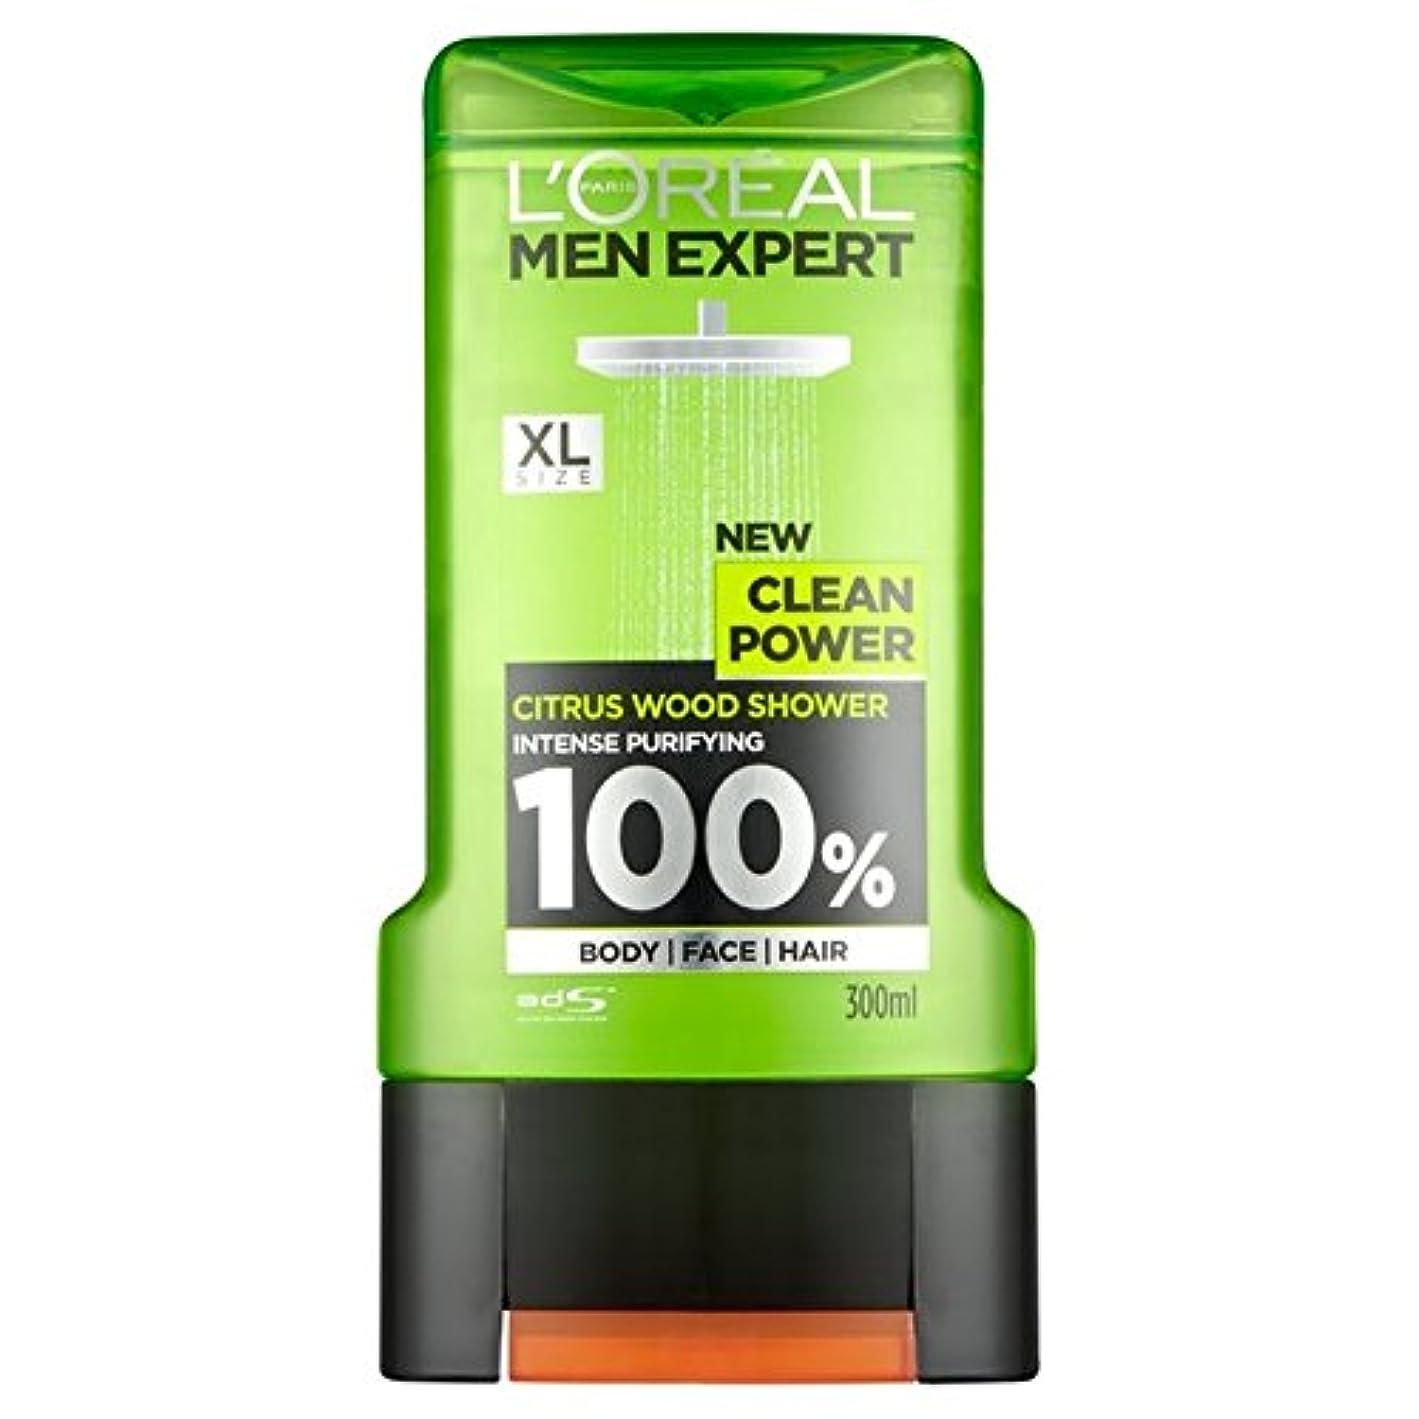 ジェームズダイソン排泄物夜明けロレアルパリの男性の専門家クリーンパワーシャワージェル300ミリリットル x4 - L'Oreal Paris Men Expert Clean Power Shower Gel 300ml (Pack of 4) [並行輸入品]